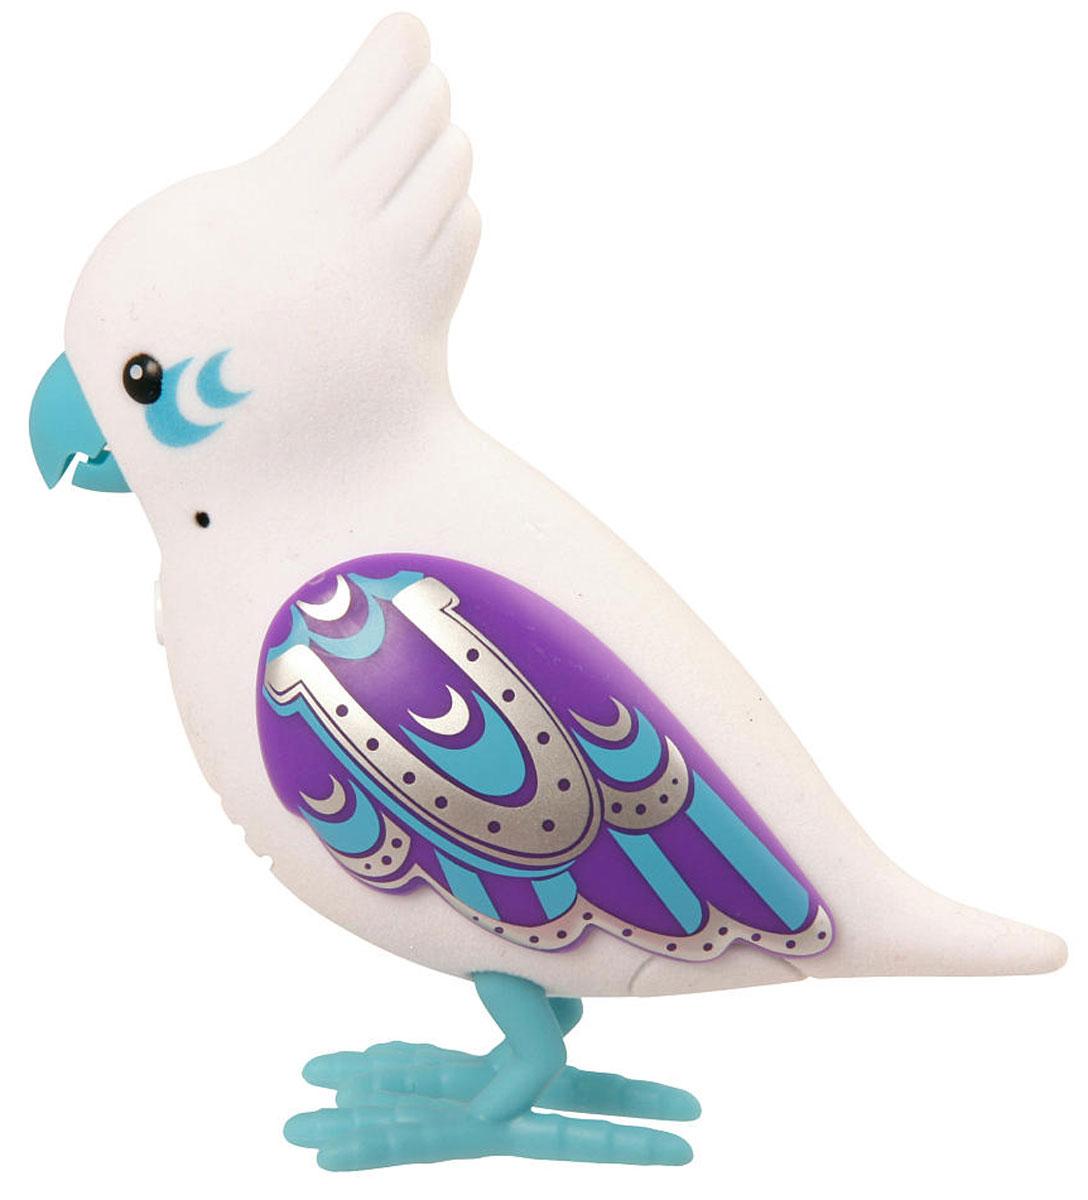 Moose Интерактивная игрушка Говорящая птичка Lucky Lee28228/ast28222 (28224, 28225, 28226, 28227, 28228, 28229)Интерактивная игрушка Moose Говорящая птичка Lucky Lee - это замечательный друг для того, кто всегда мечтал завести у себя дома попугайчика. Яркая птичка выполнена из высококачественных материалов и имеет приятное на ощупь флоковое покрытие. Ее крылья переливаются и блестят на солнце. На спинке у птички сенсорный датчик. Если ее погладить по голове, она споет для вас. Lucky Lee щебечет и тихо поет, чтобы на нее обратили внимание, но через полчаса в одиночестве она засыпает. Чтобы разбудить питомца, нужно нажать на кнопку на груди. Кроме того, Lucky не только щебечет и напевает, но еще и умеет запоминать и воспроизводить фразы, которые она слышит. Ваш ребенок будет в восторге от такого подарка! Необходимо докупить 2 батарейки напряжением 1,5V типа ААА (не входят в комплект).